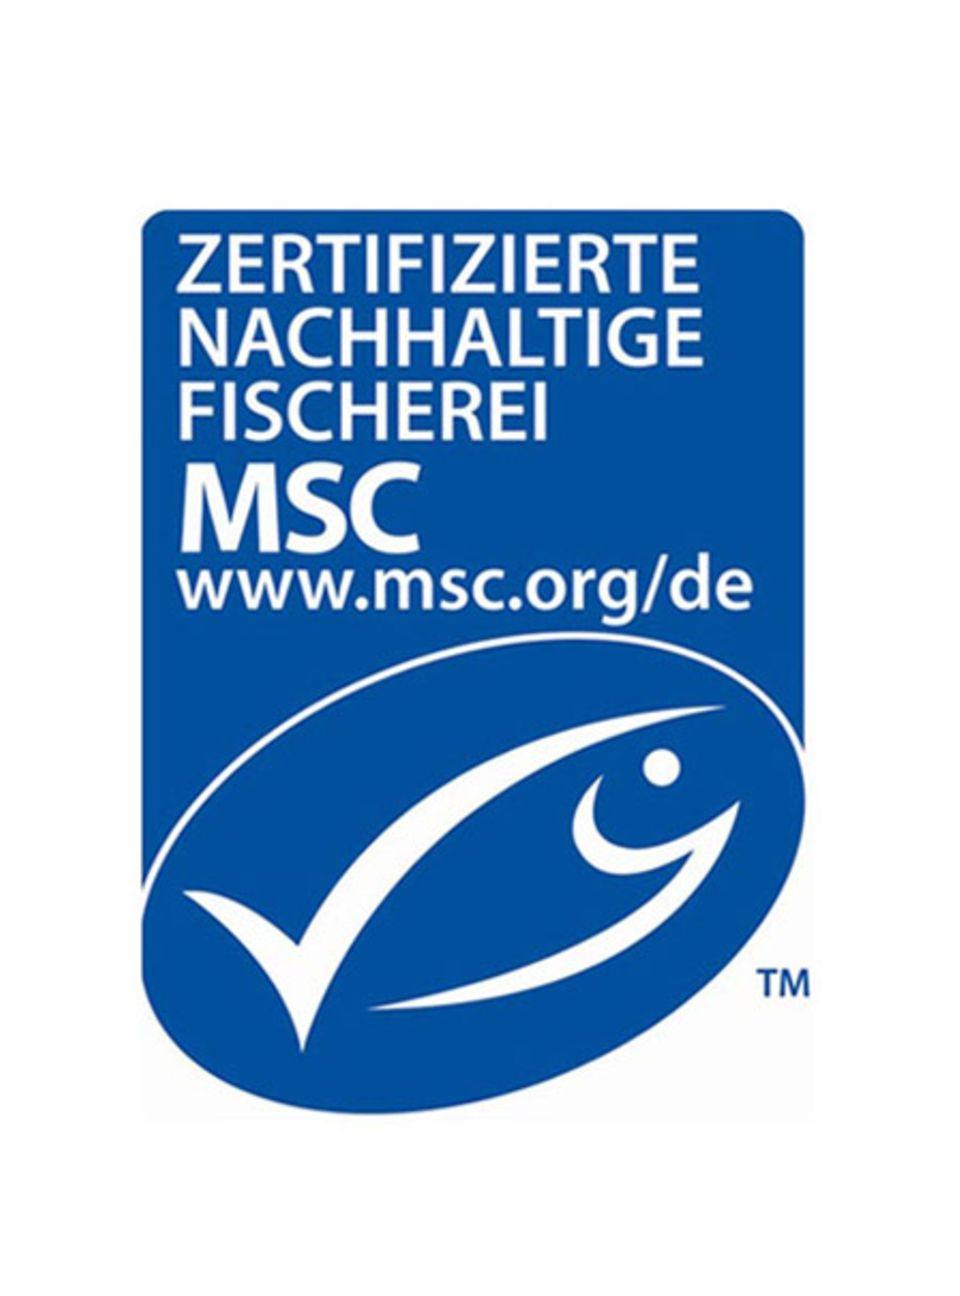 Das MSC-Siegel für nachhaltigen Fischfang